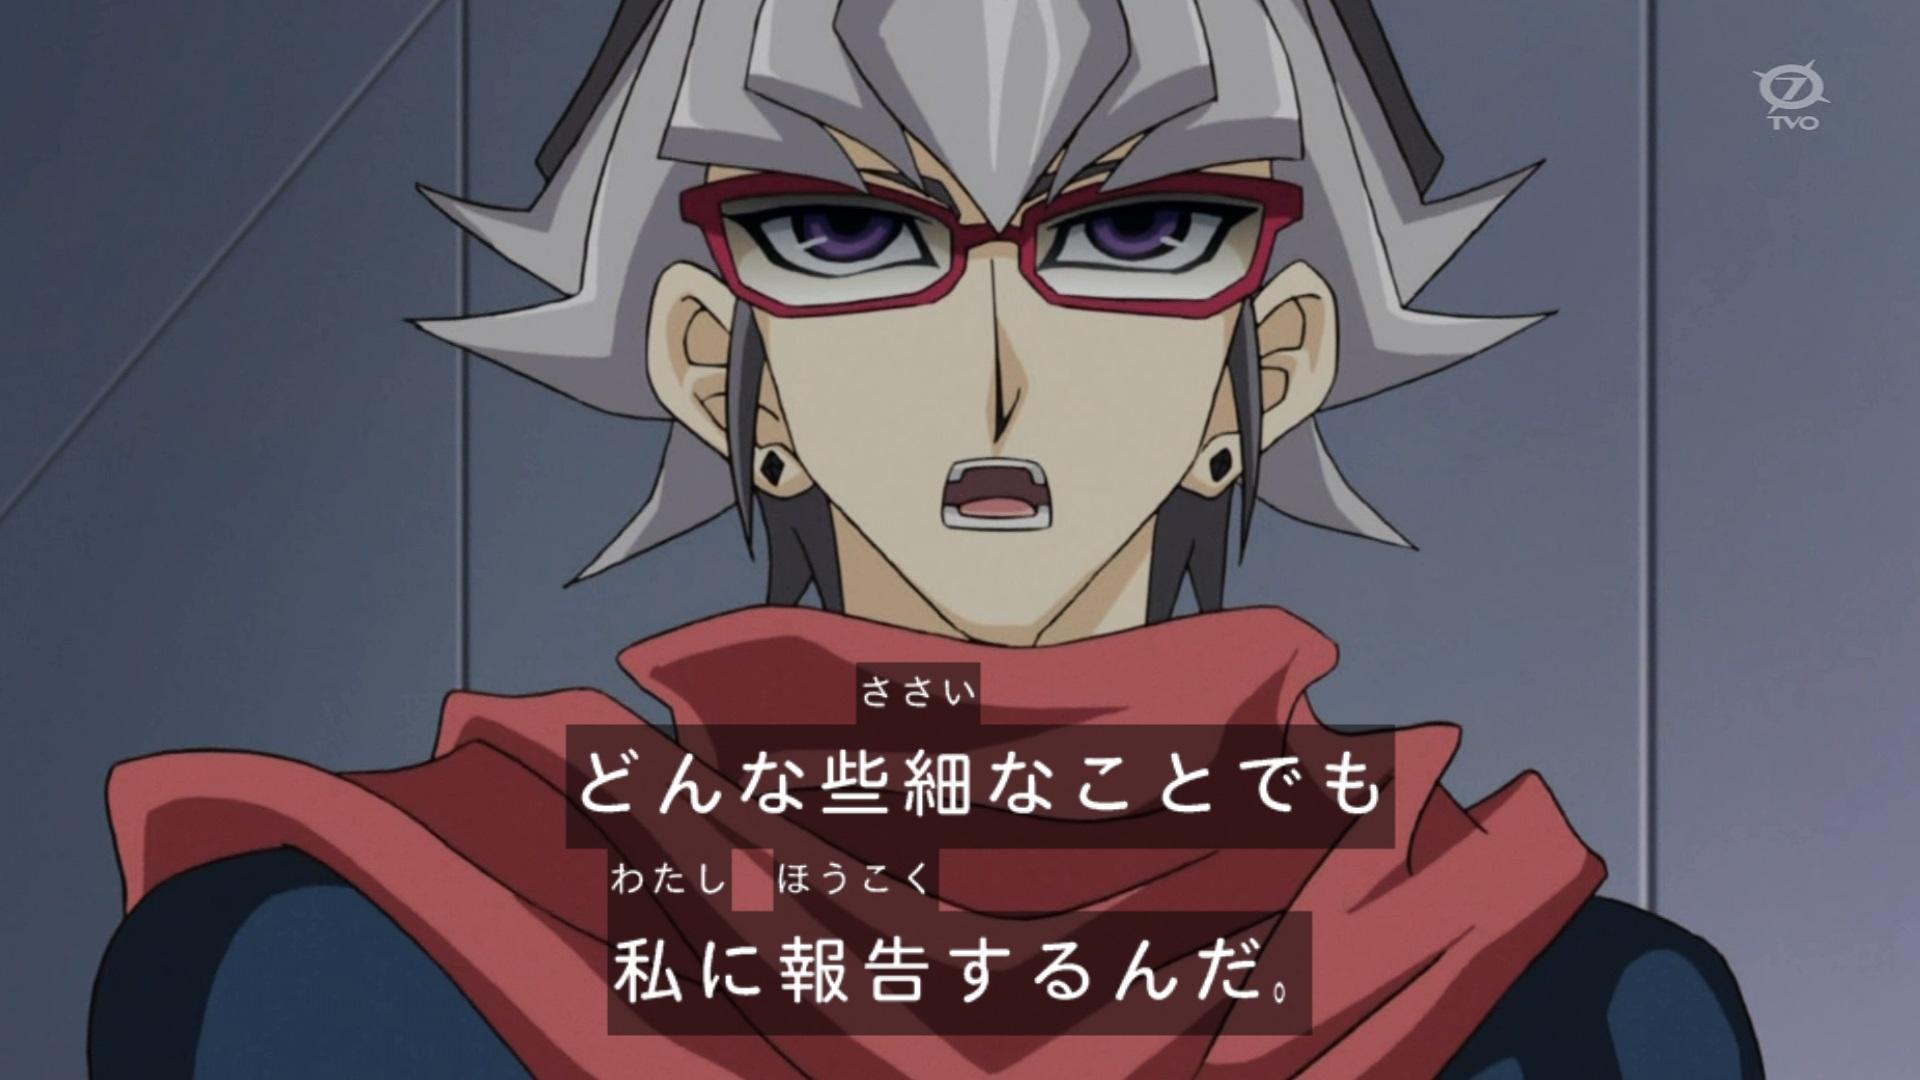 権現坂「遊矢について語れだと?」零児「ああ」